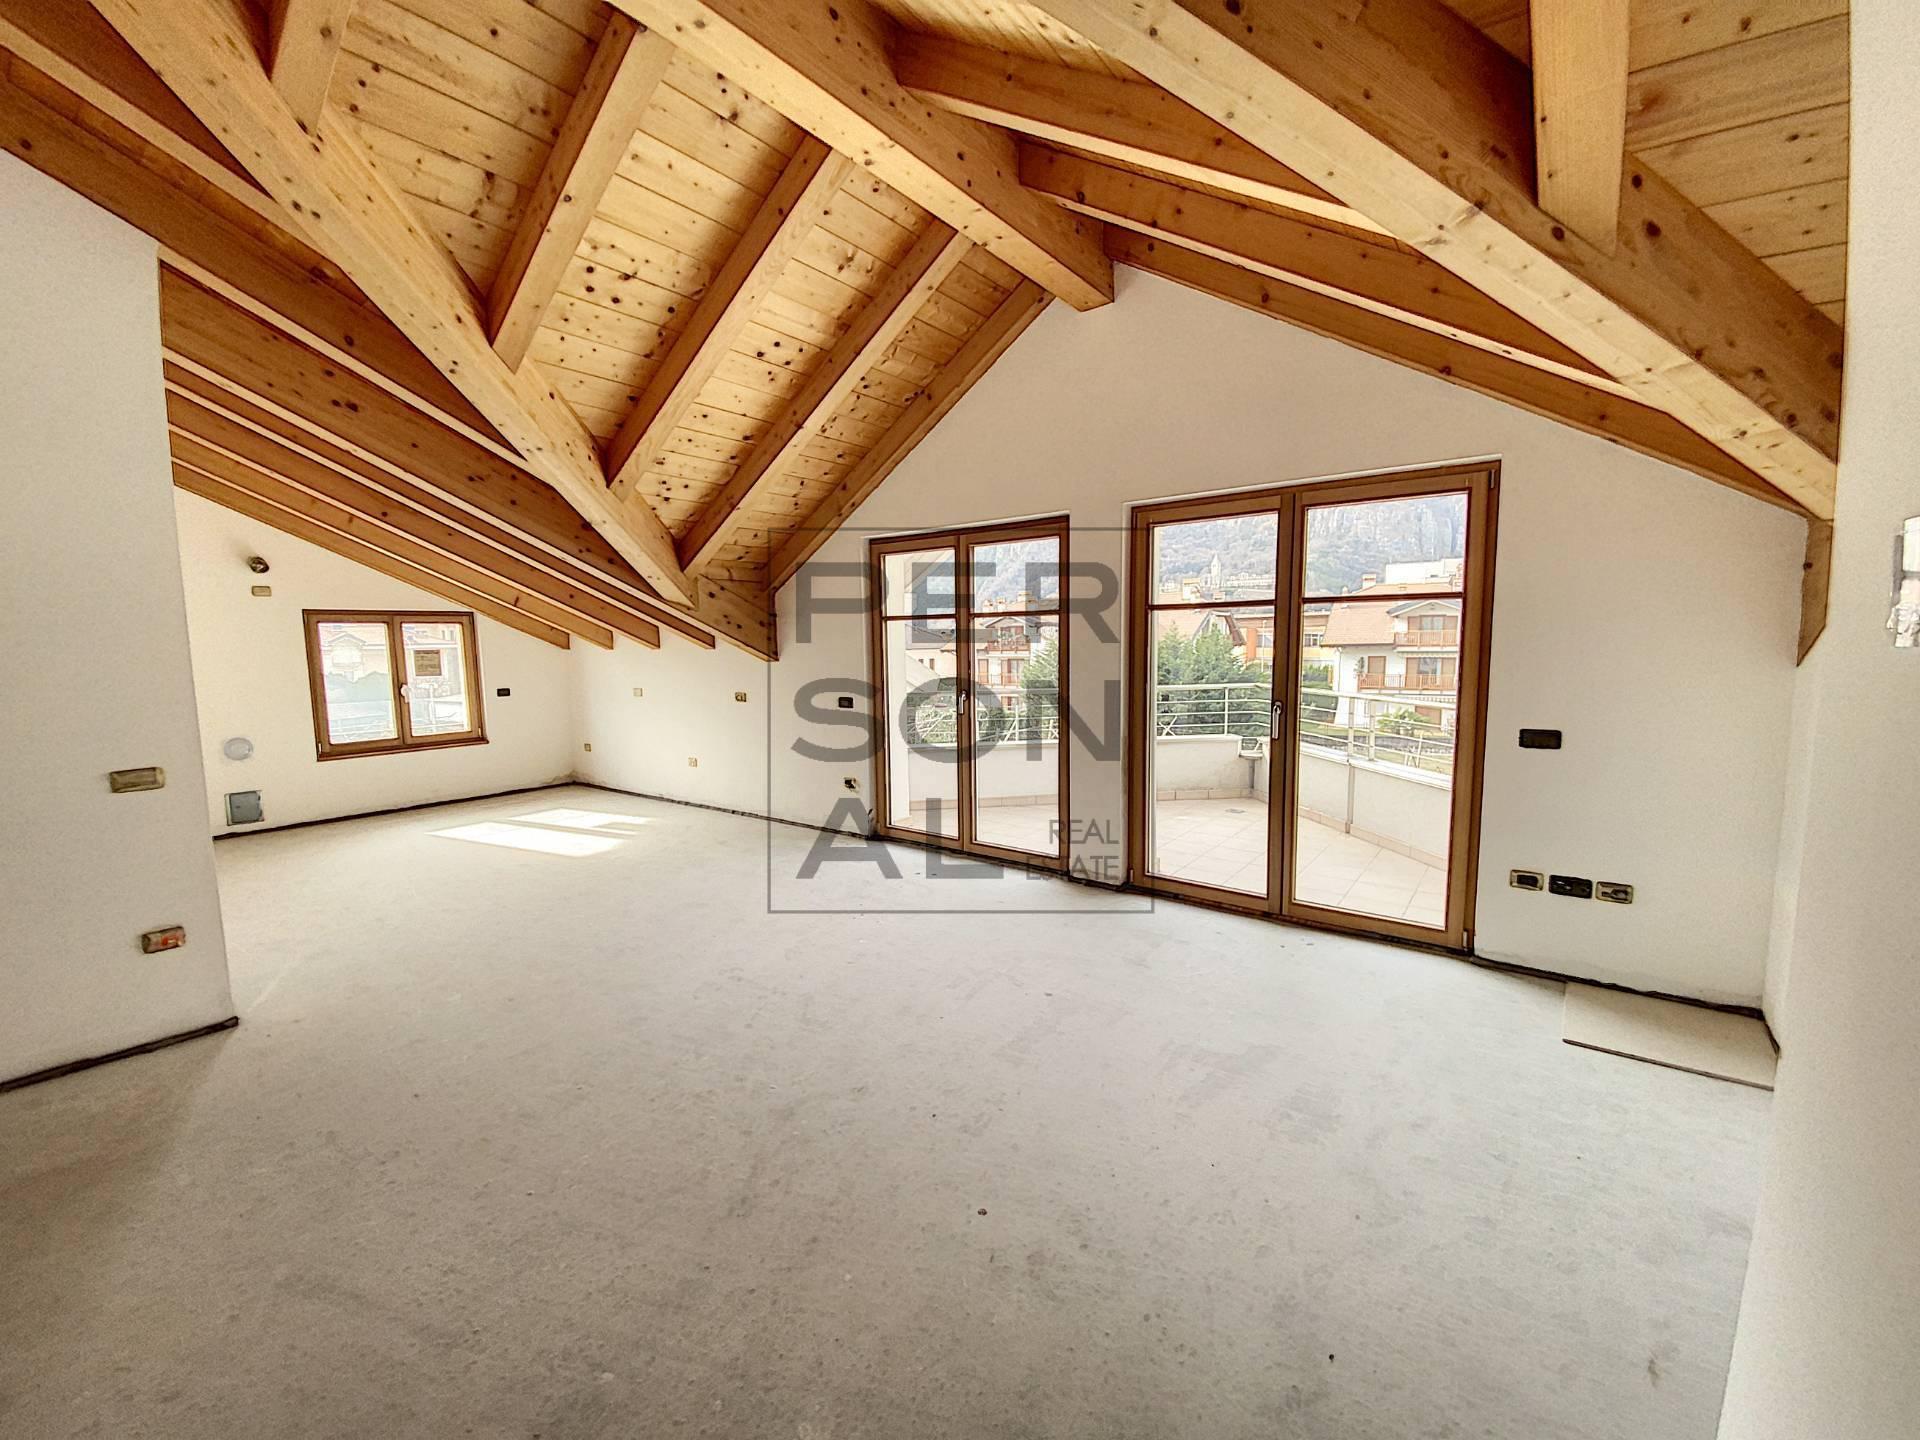 Appartamento in vendita a Mezzolombardo, 6 locali, Trattative riservate | CambioCasa.it